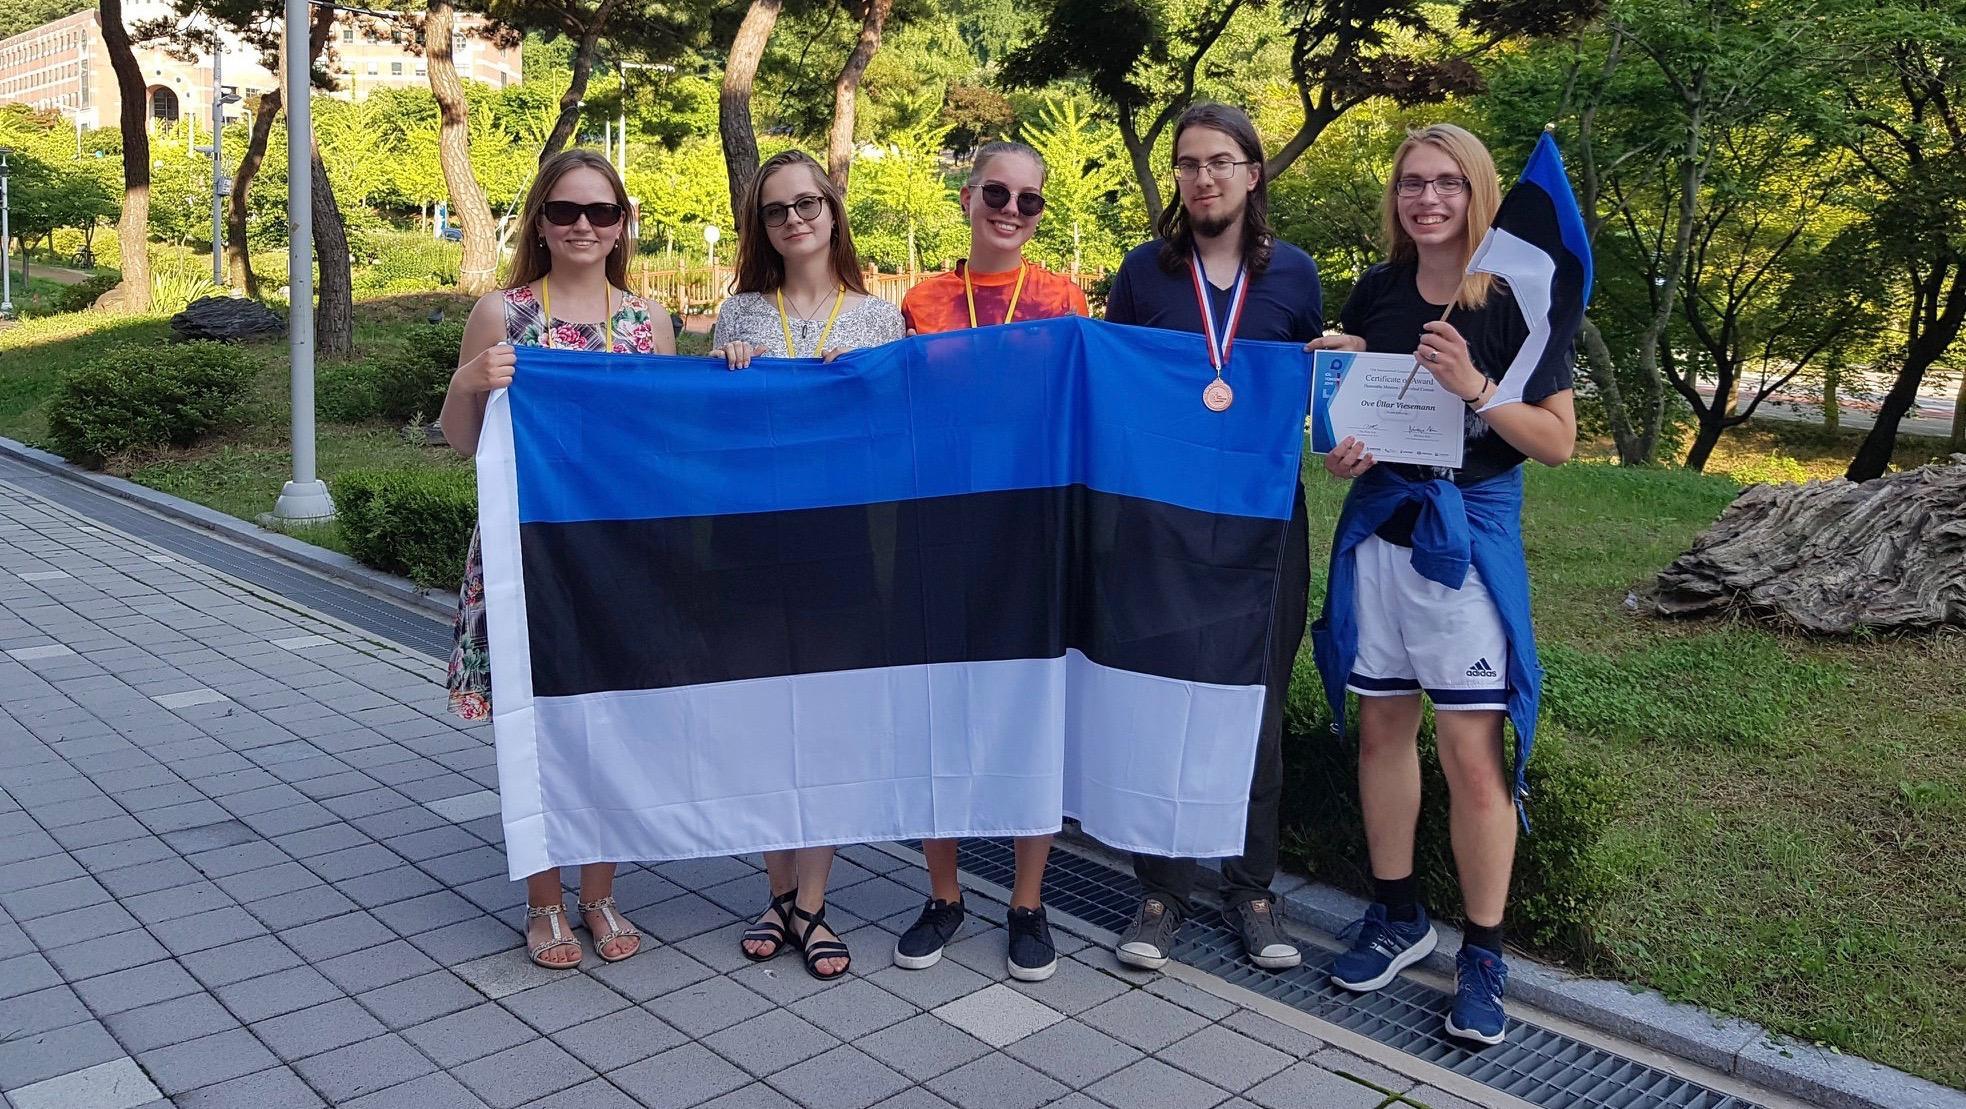 Eesti meeskond koos meeskonna juhendajaga (Linda Freienthal, Anna Talas, Roosmari Pihlak, Hant Mikit Kolk ja Ove Üllar Viesemann). Foto: Miina Norvik